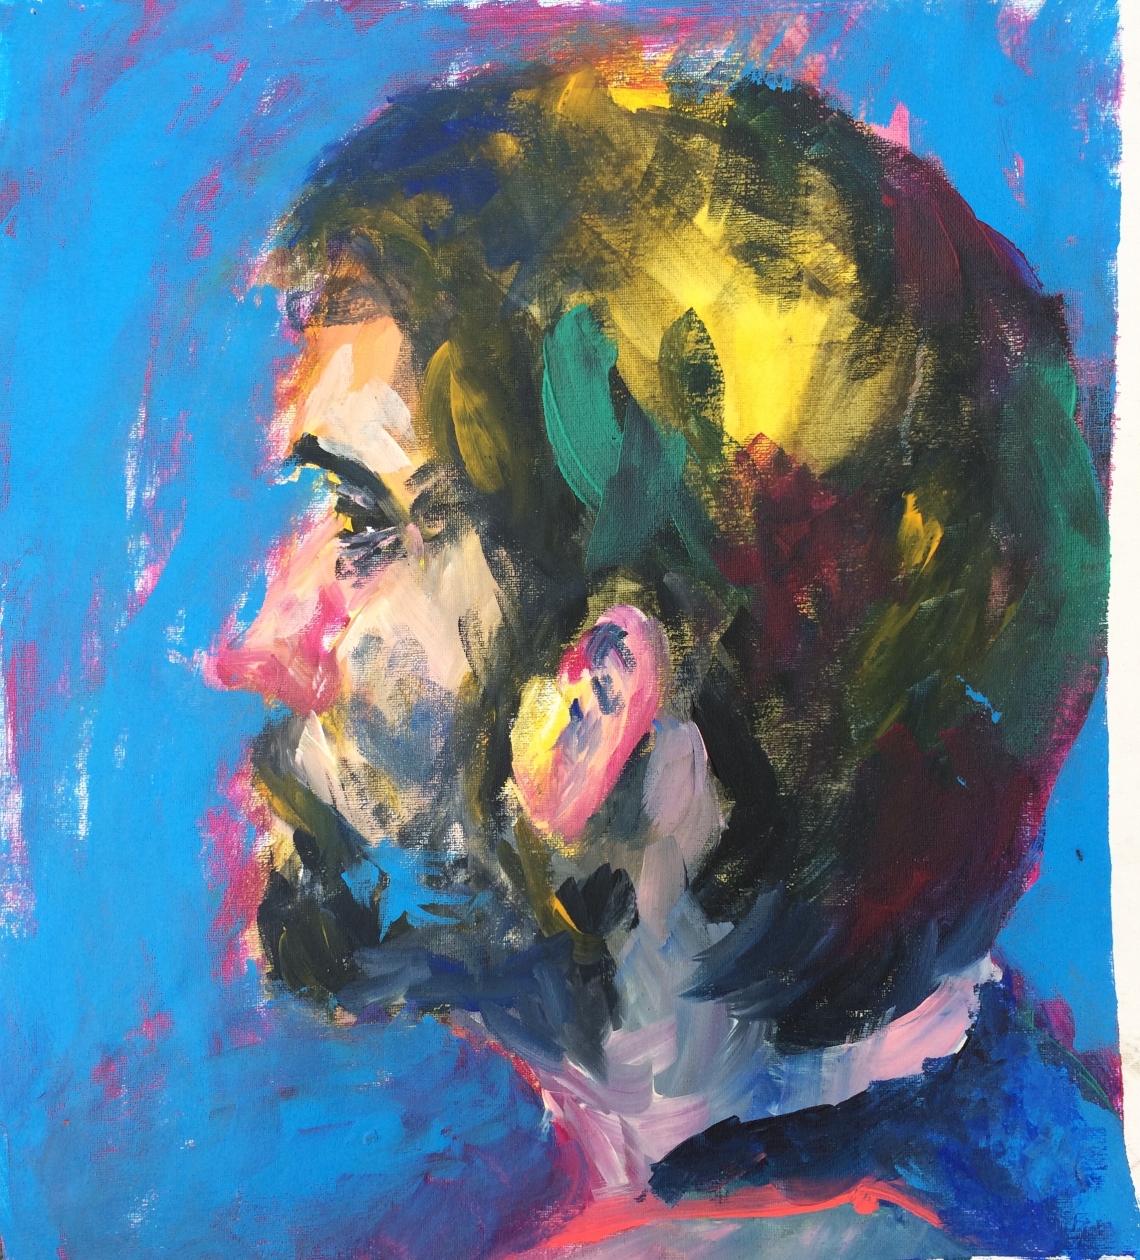 Mann auf blauem Hintergrund